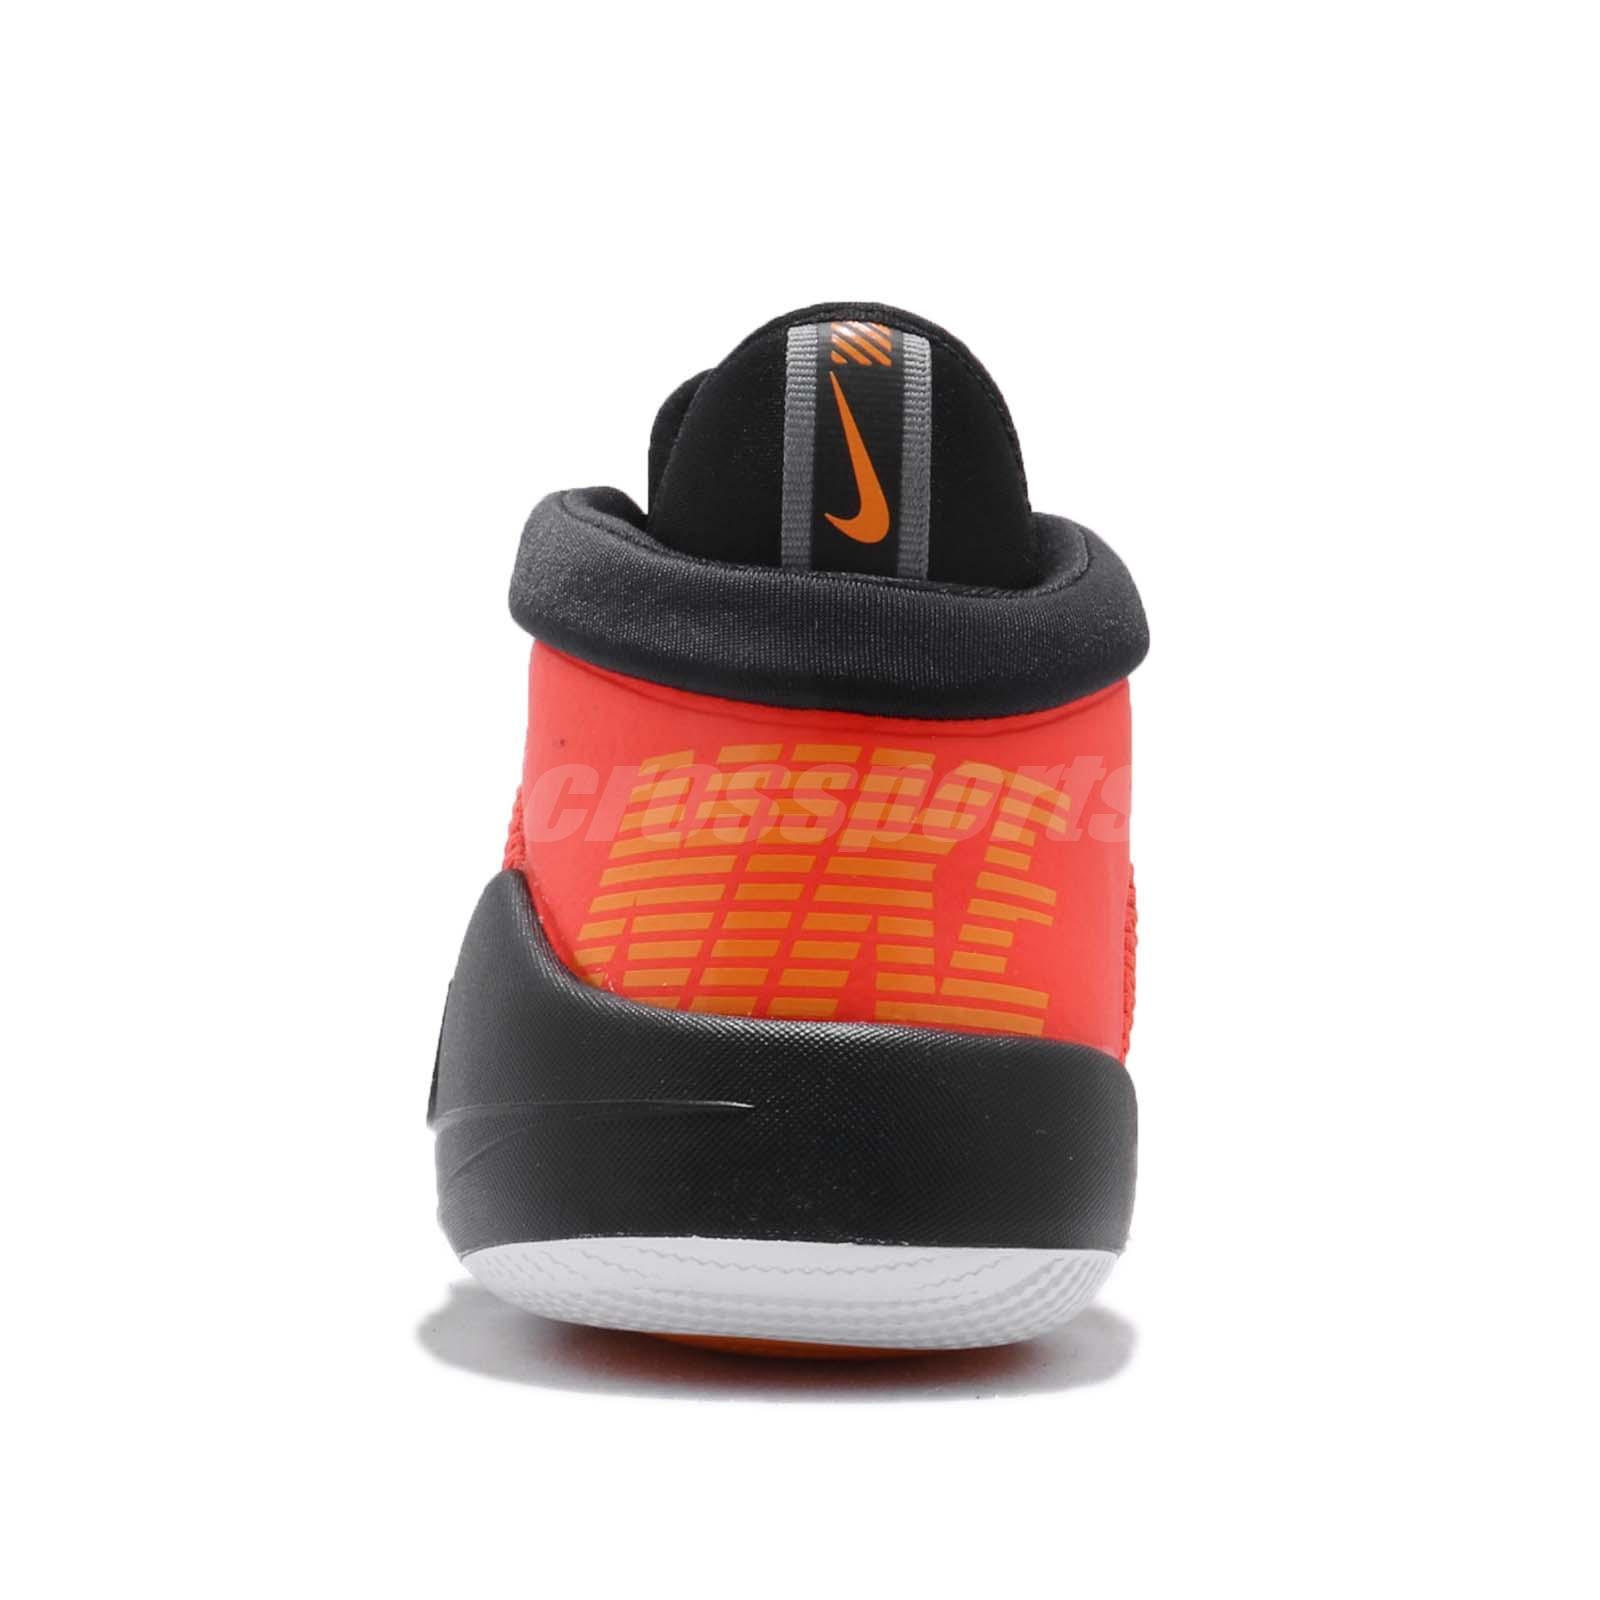 e0a03a047f56e0 Nike Future Flight GS Bright Crimson Black Kid Youth Women ...